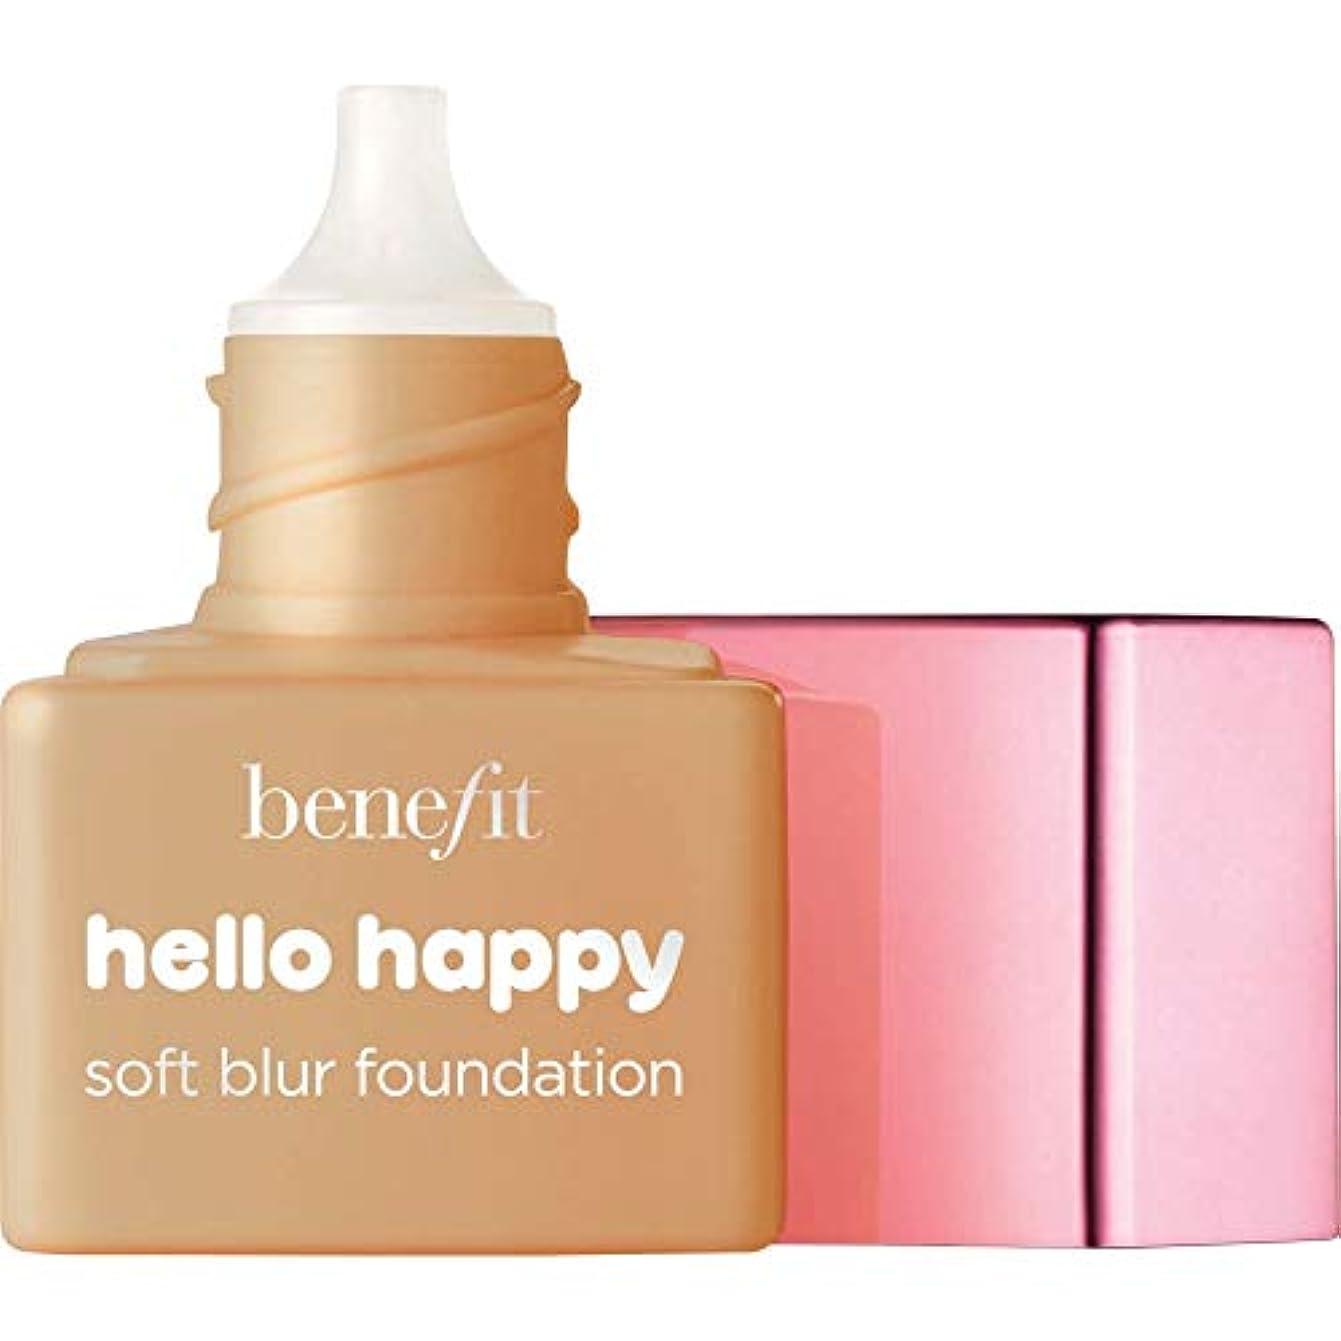 化学者ニッケルハロウィン[Benefit] ミニ6 - - こんにちは幸せソフトブラー基礎Spf15の6ミリリットルの利益温培地 - Benefit Hello Happy Soft Blur Foundation SPF15 6ml - Mini...